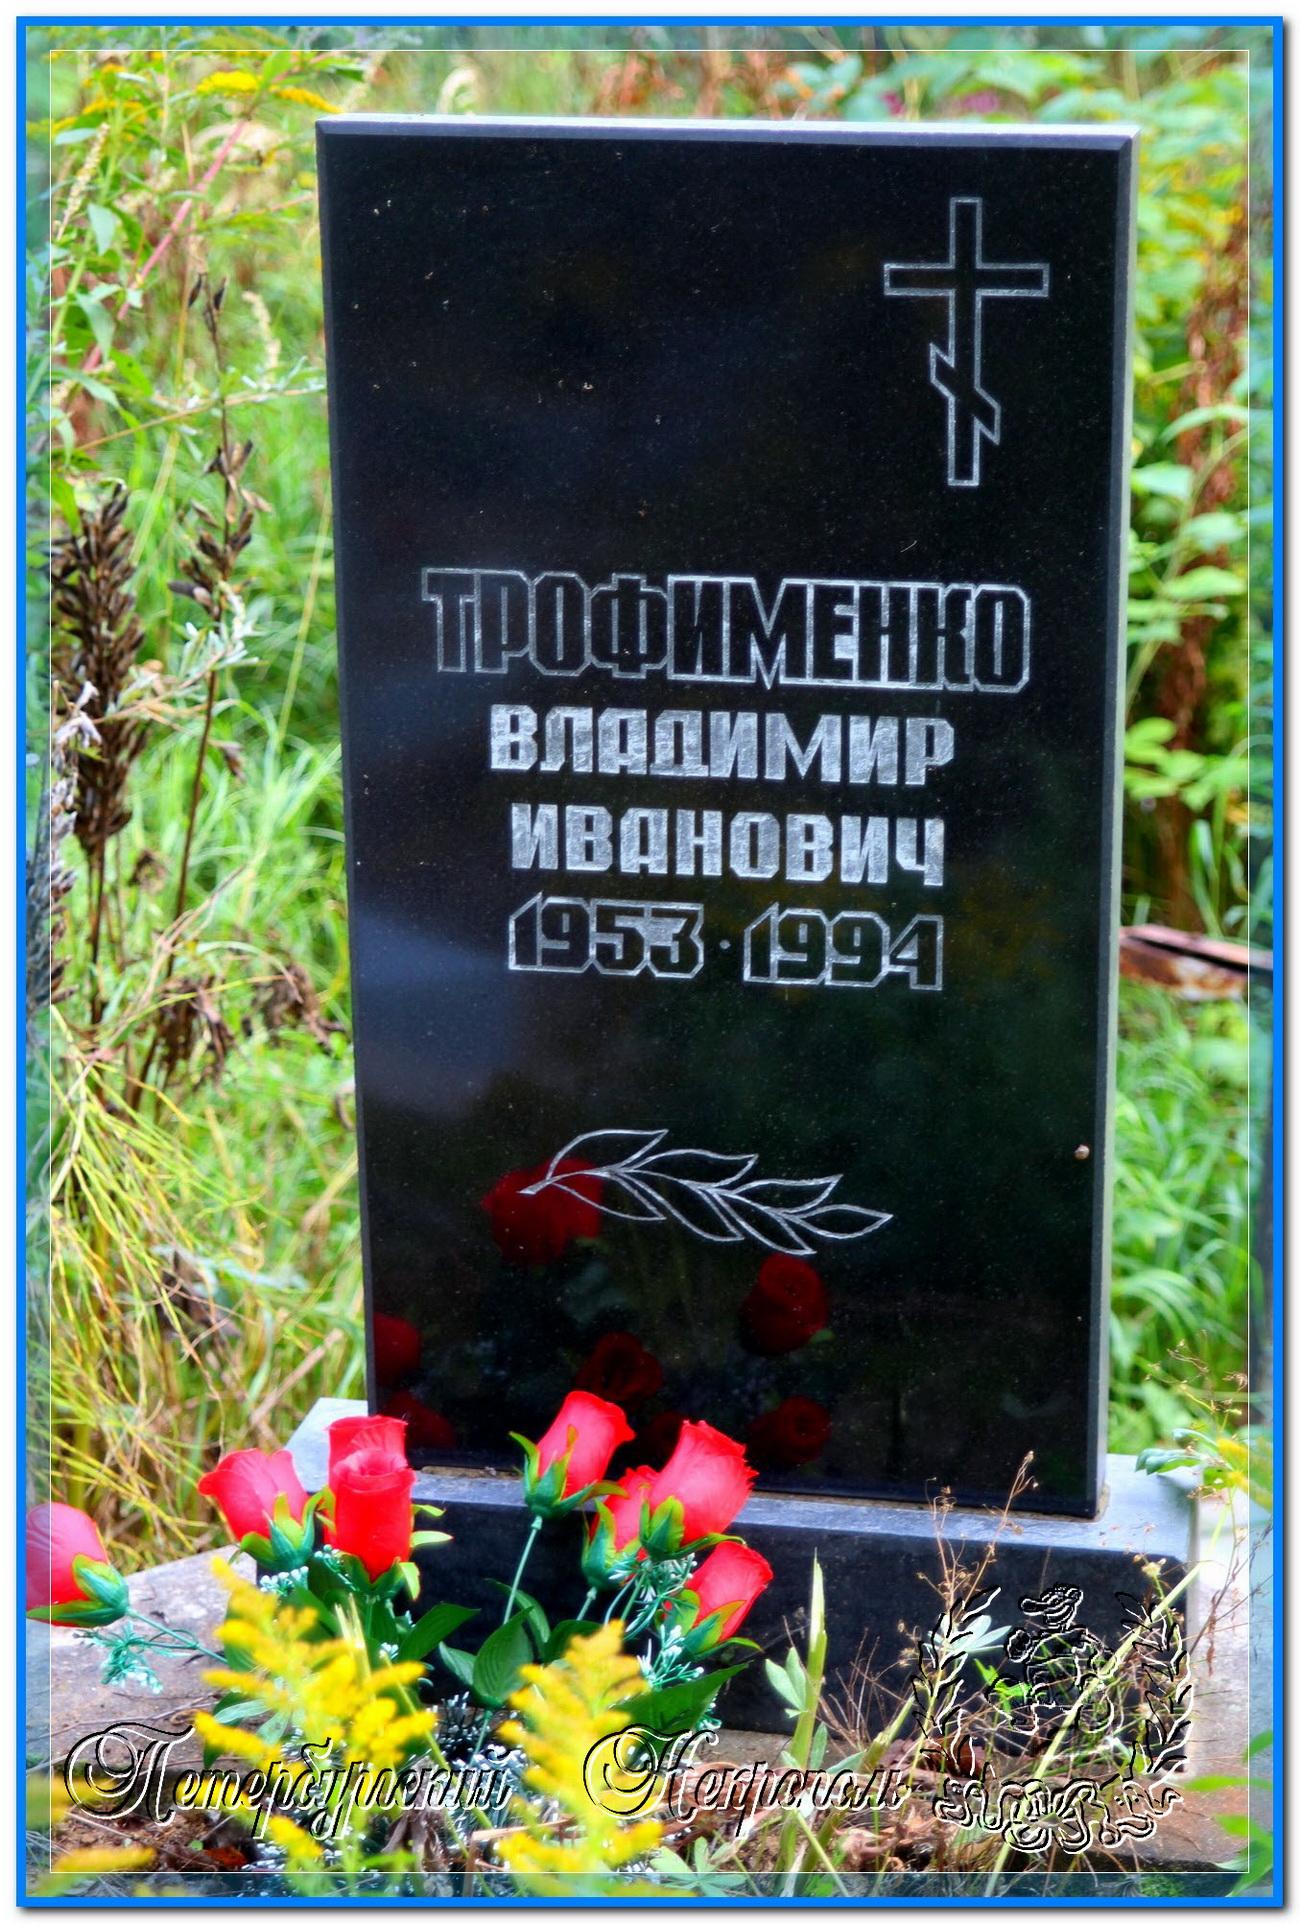 © Трофименко Владимир Иванович